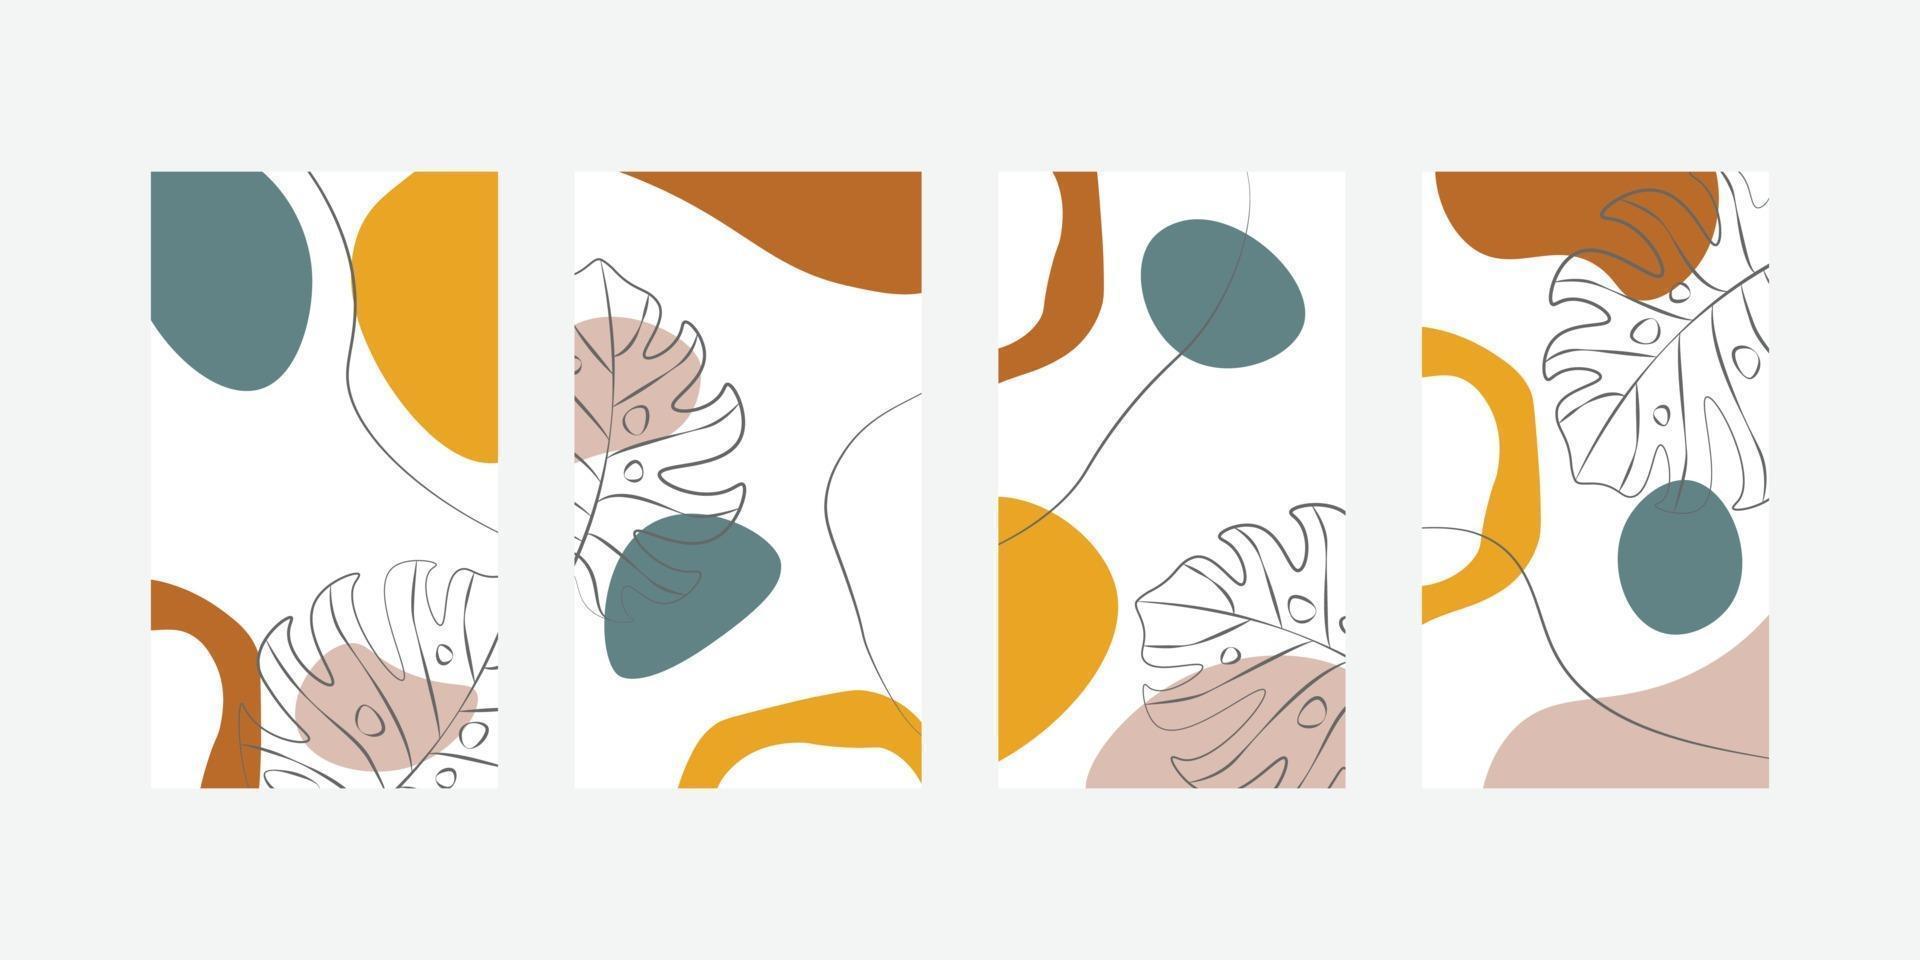 trendige abstrakte universelle Vorlage mit Naturkonzept für Social-Media-Geschichten vektor